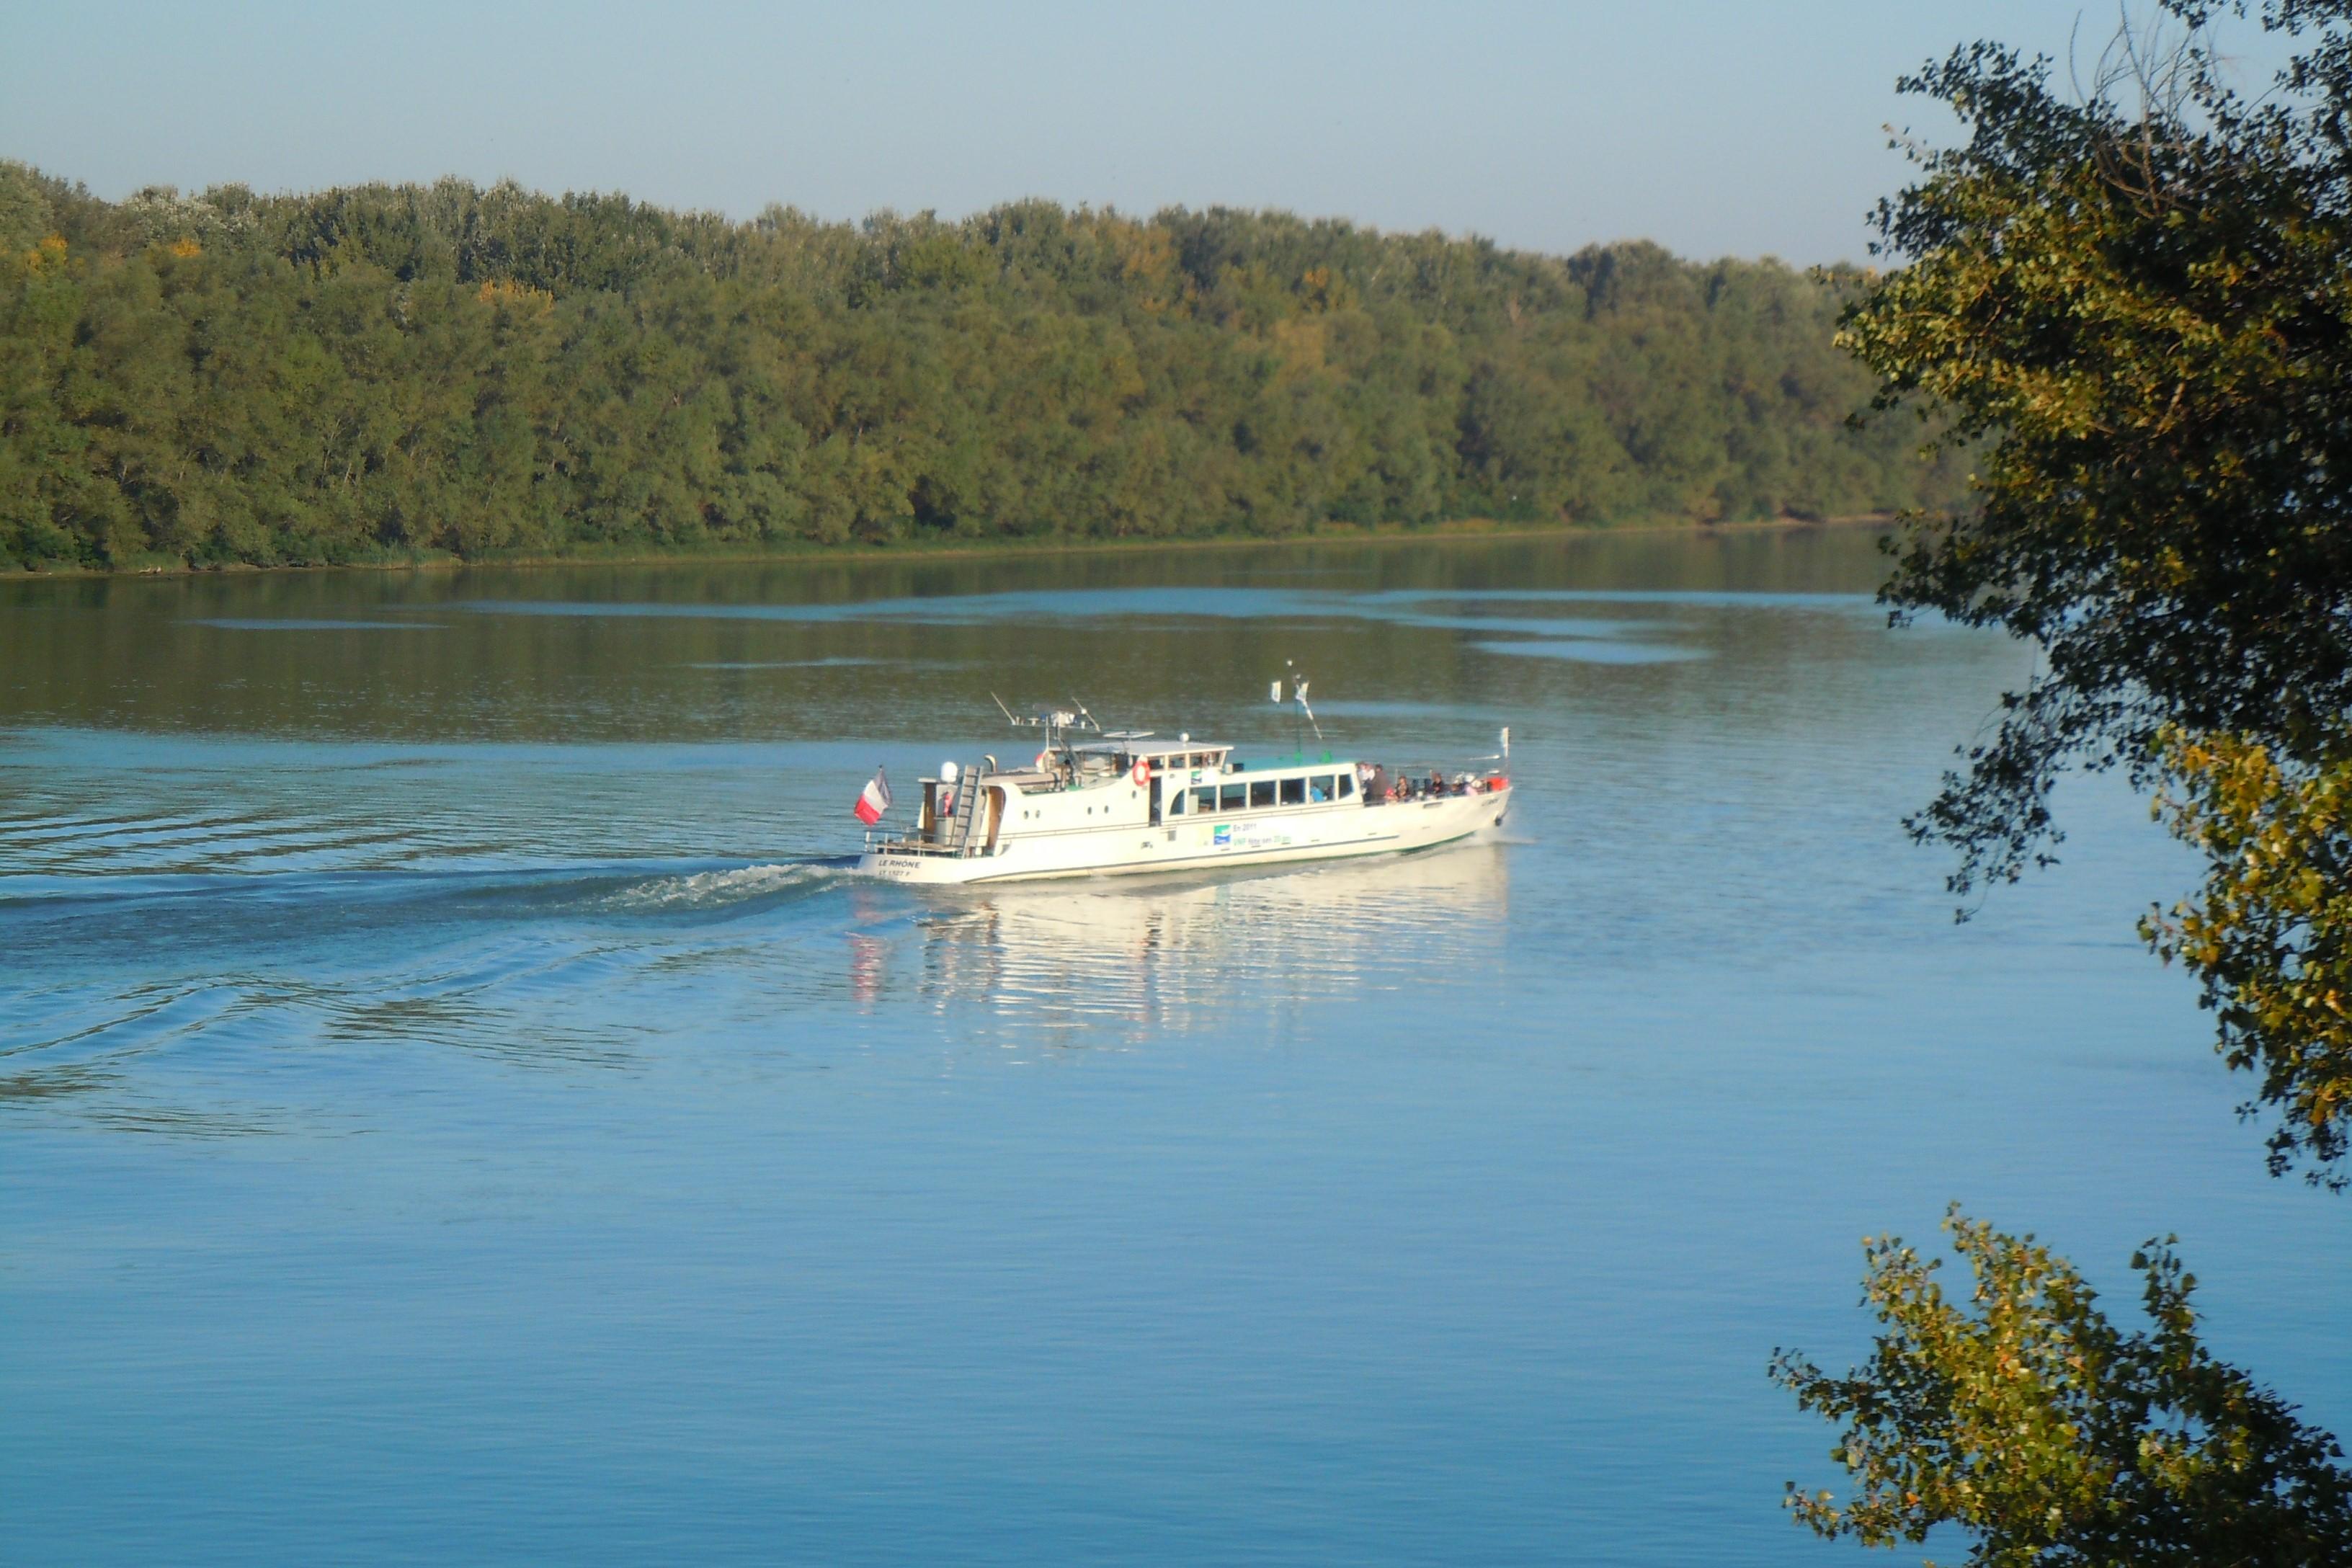 Vue sur le Rhône et vedette des voies navigables de France